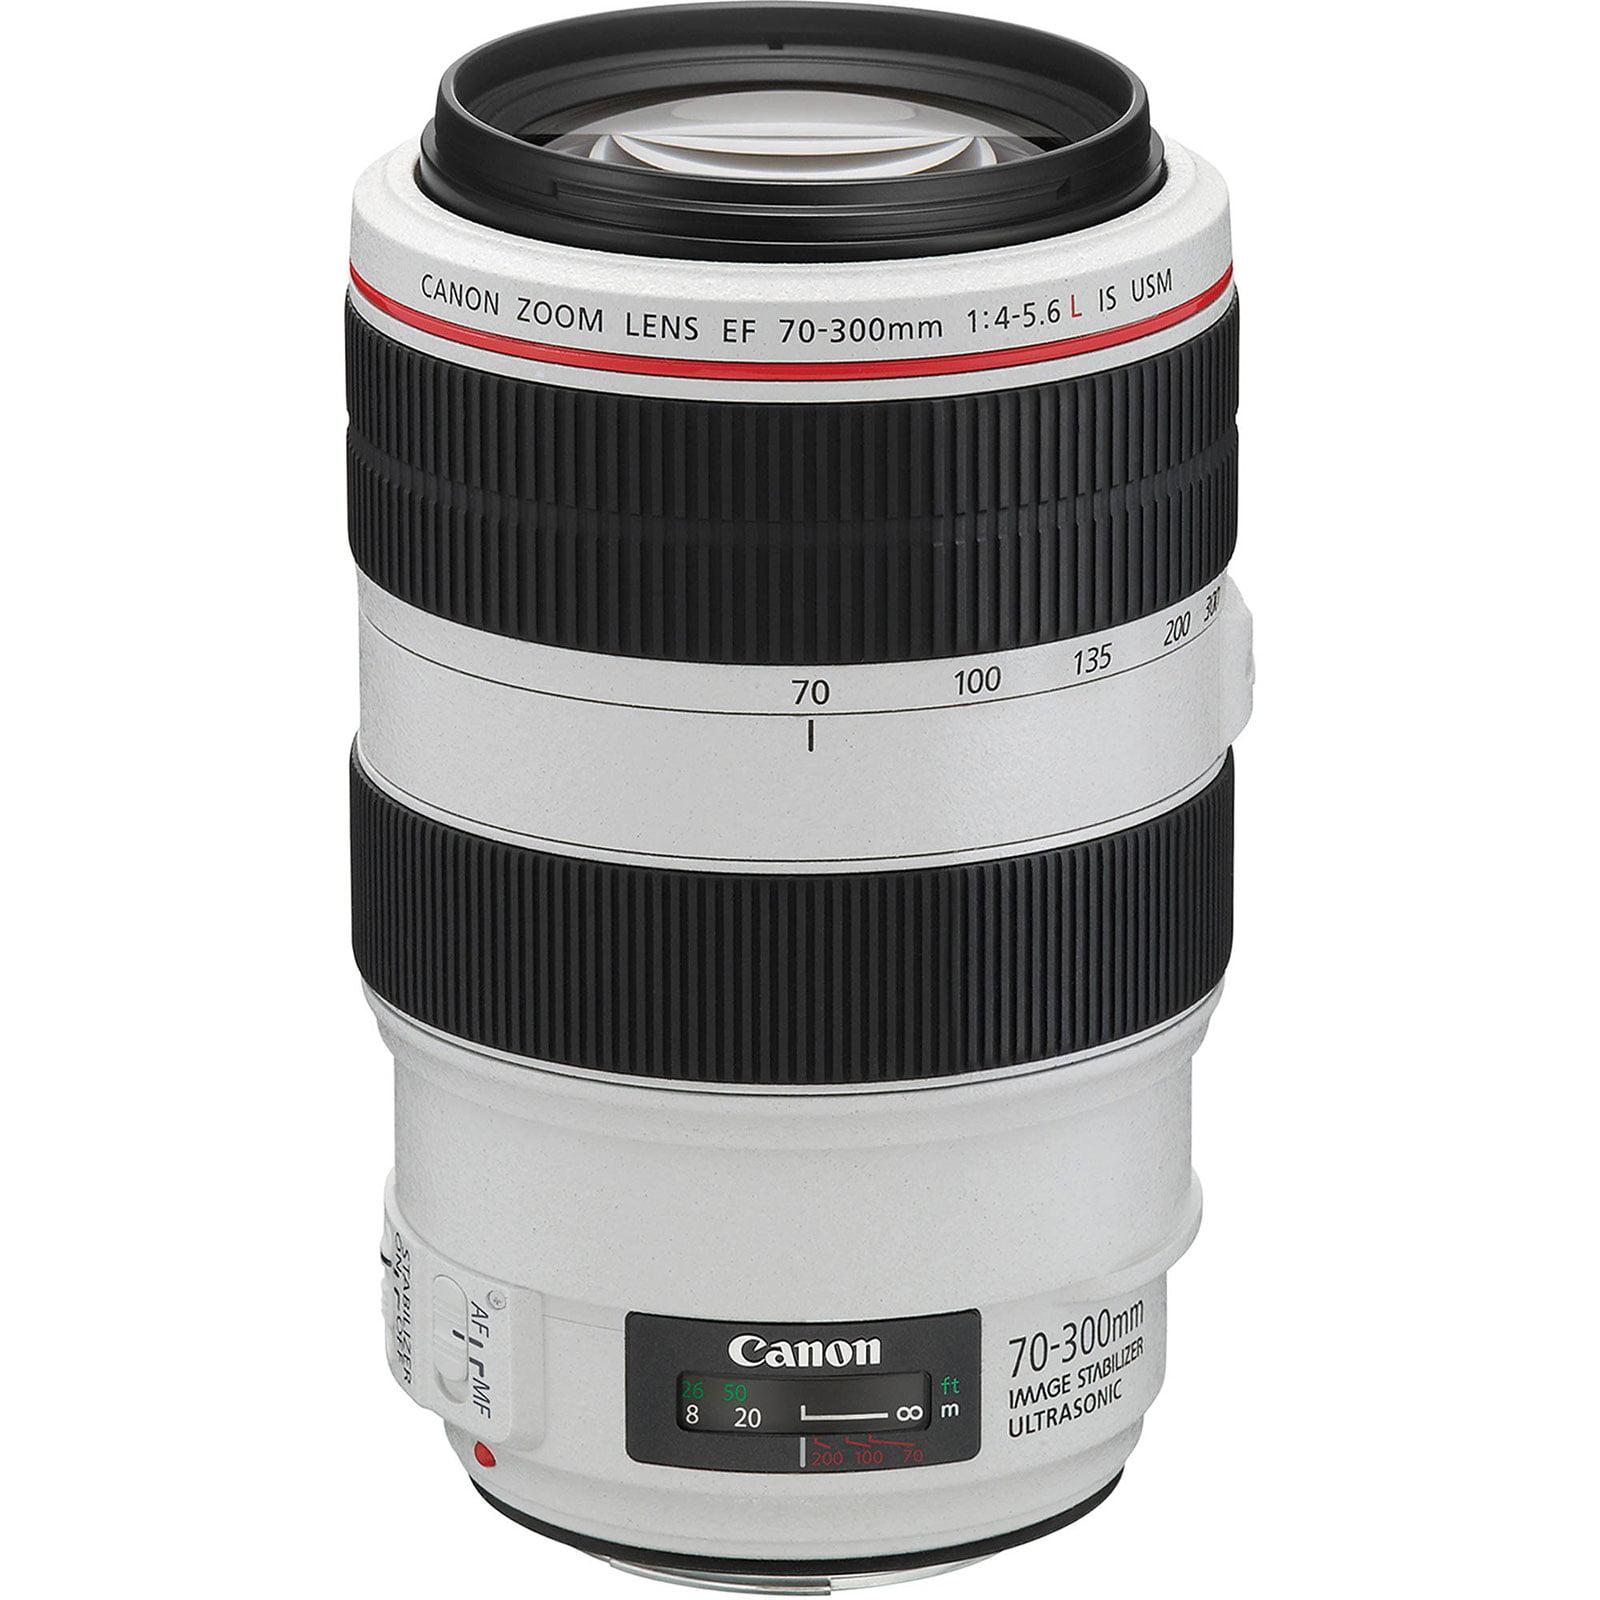 Canon EF 70-300mm f/4-5.6 L IS USM Zoom Lens